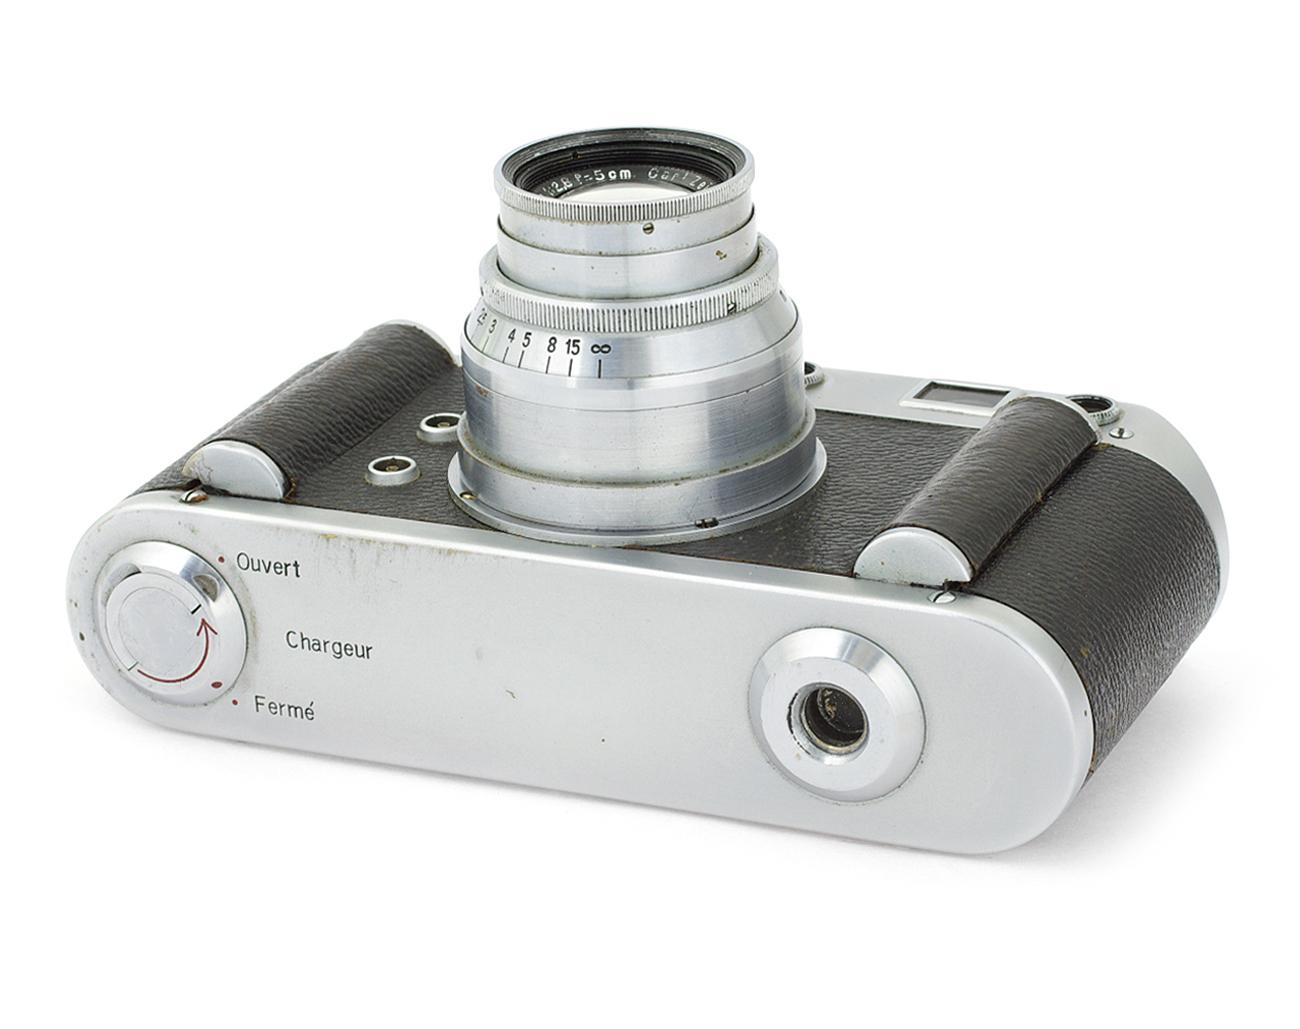 этой причине компактные дальномерные фотоаппараты первые часы